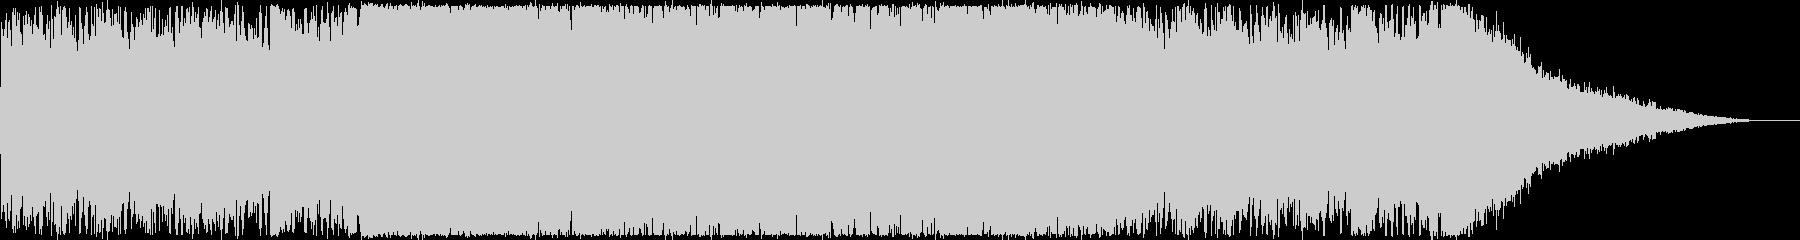 CM・夏のおしゃれなトロピカルハウスの未再生の波形